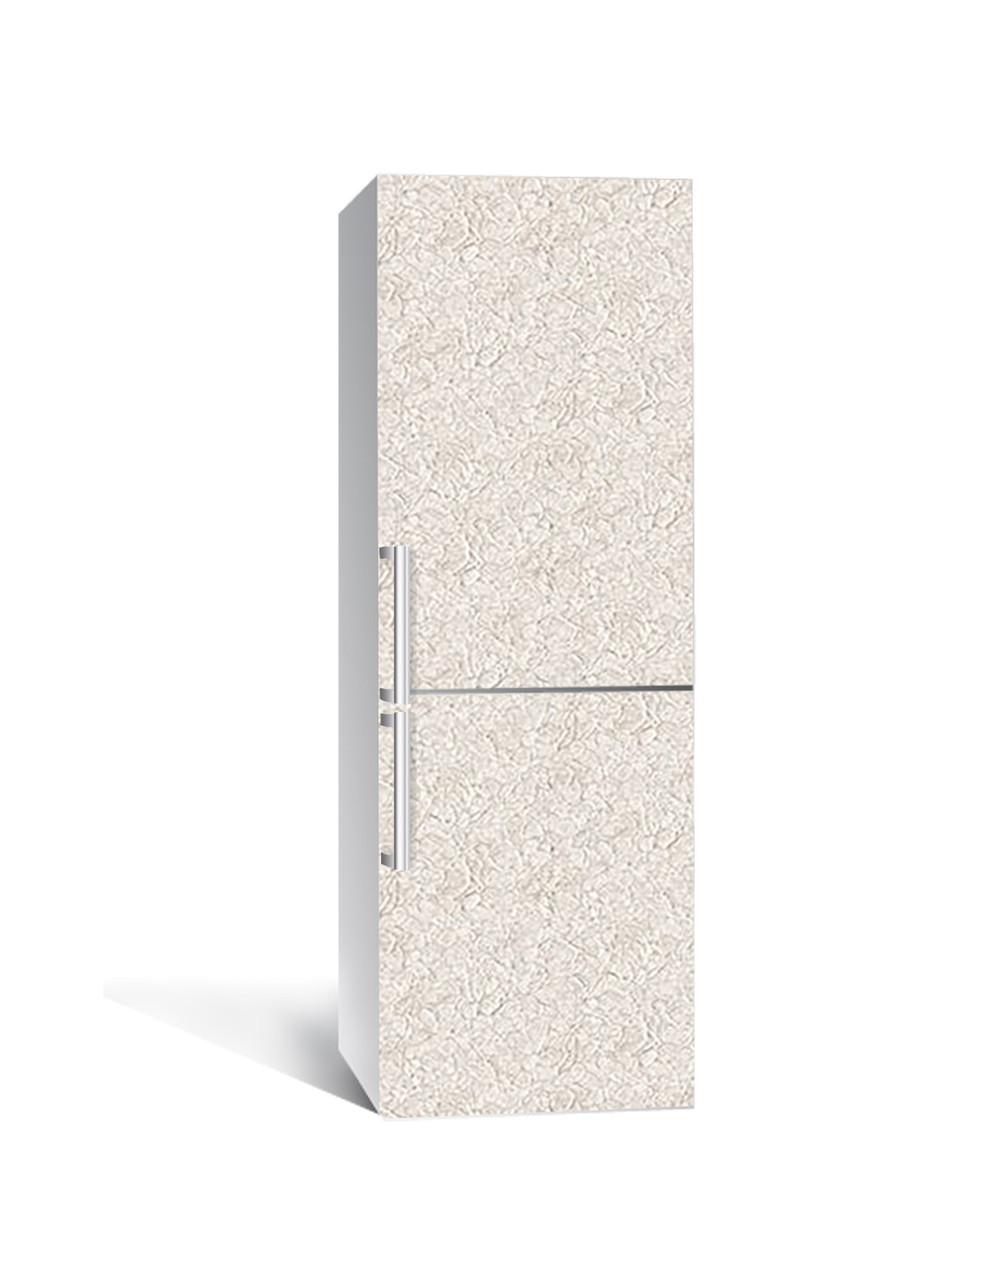 Наклейка на холодильник Бежева 3Д текстура (плівка ПВХ з ламінуванням) 65*200см абстракція Бежевий